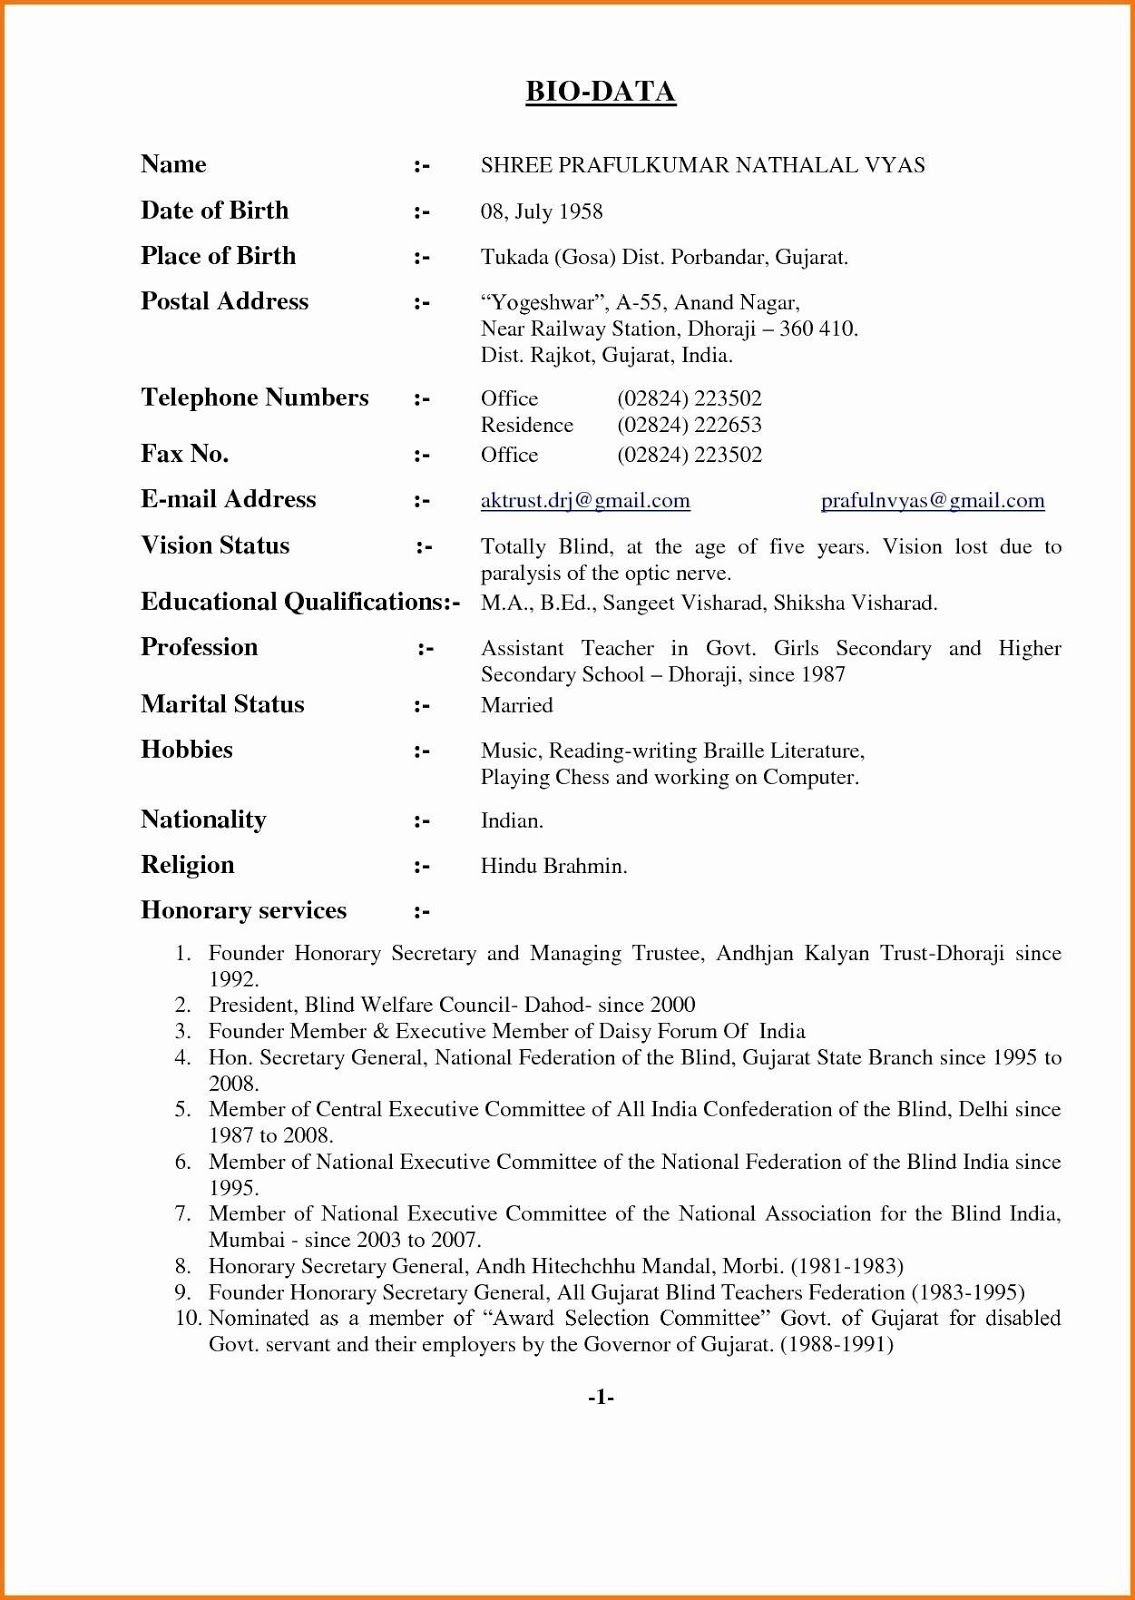 Muslim Marriage Cv Muslim Marriage Cv Format For Male 2019 Muslim Marriage Cv Template 2020 Musl Bio Data For Marriage Biodata Format Marriage Biodata Format